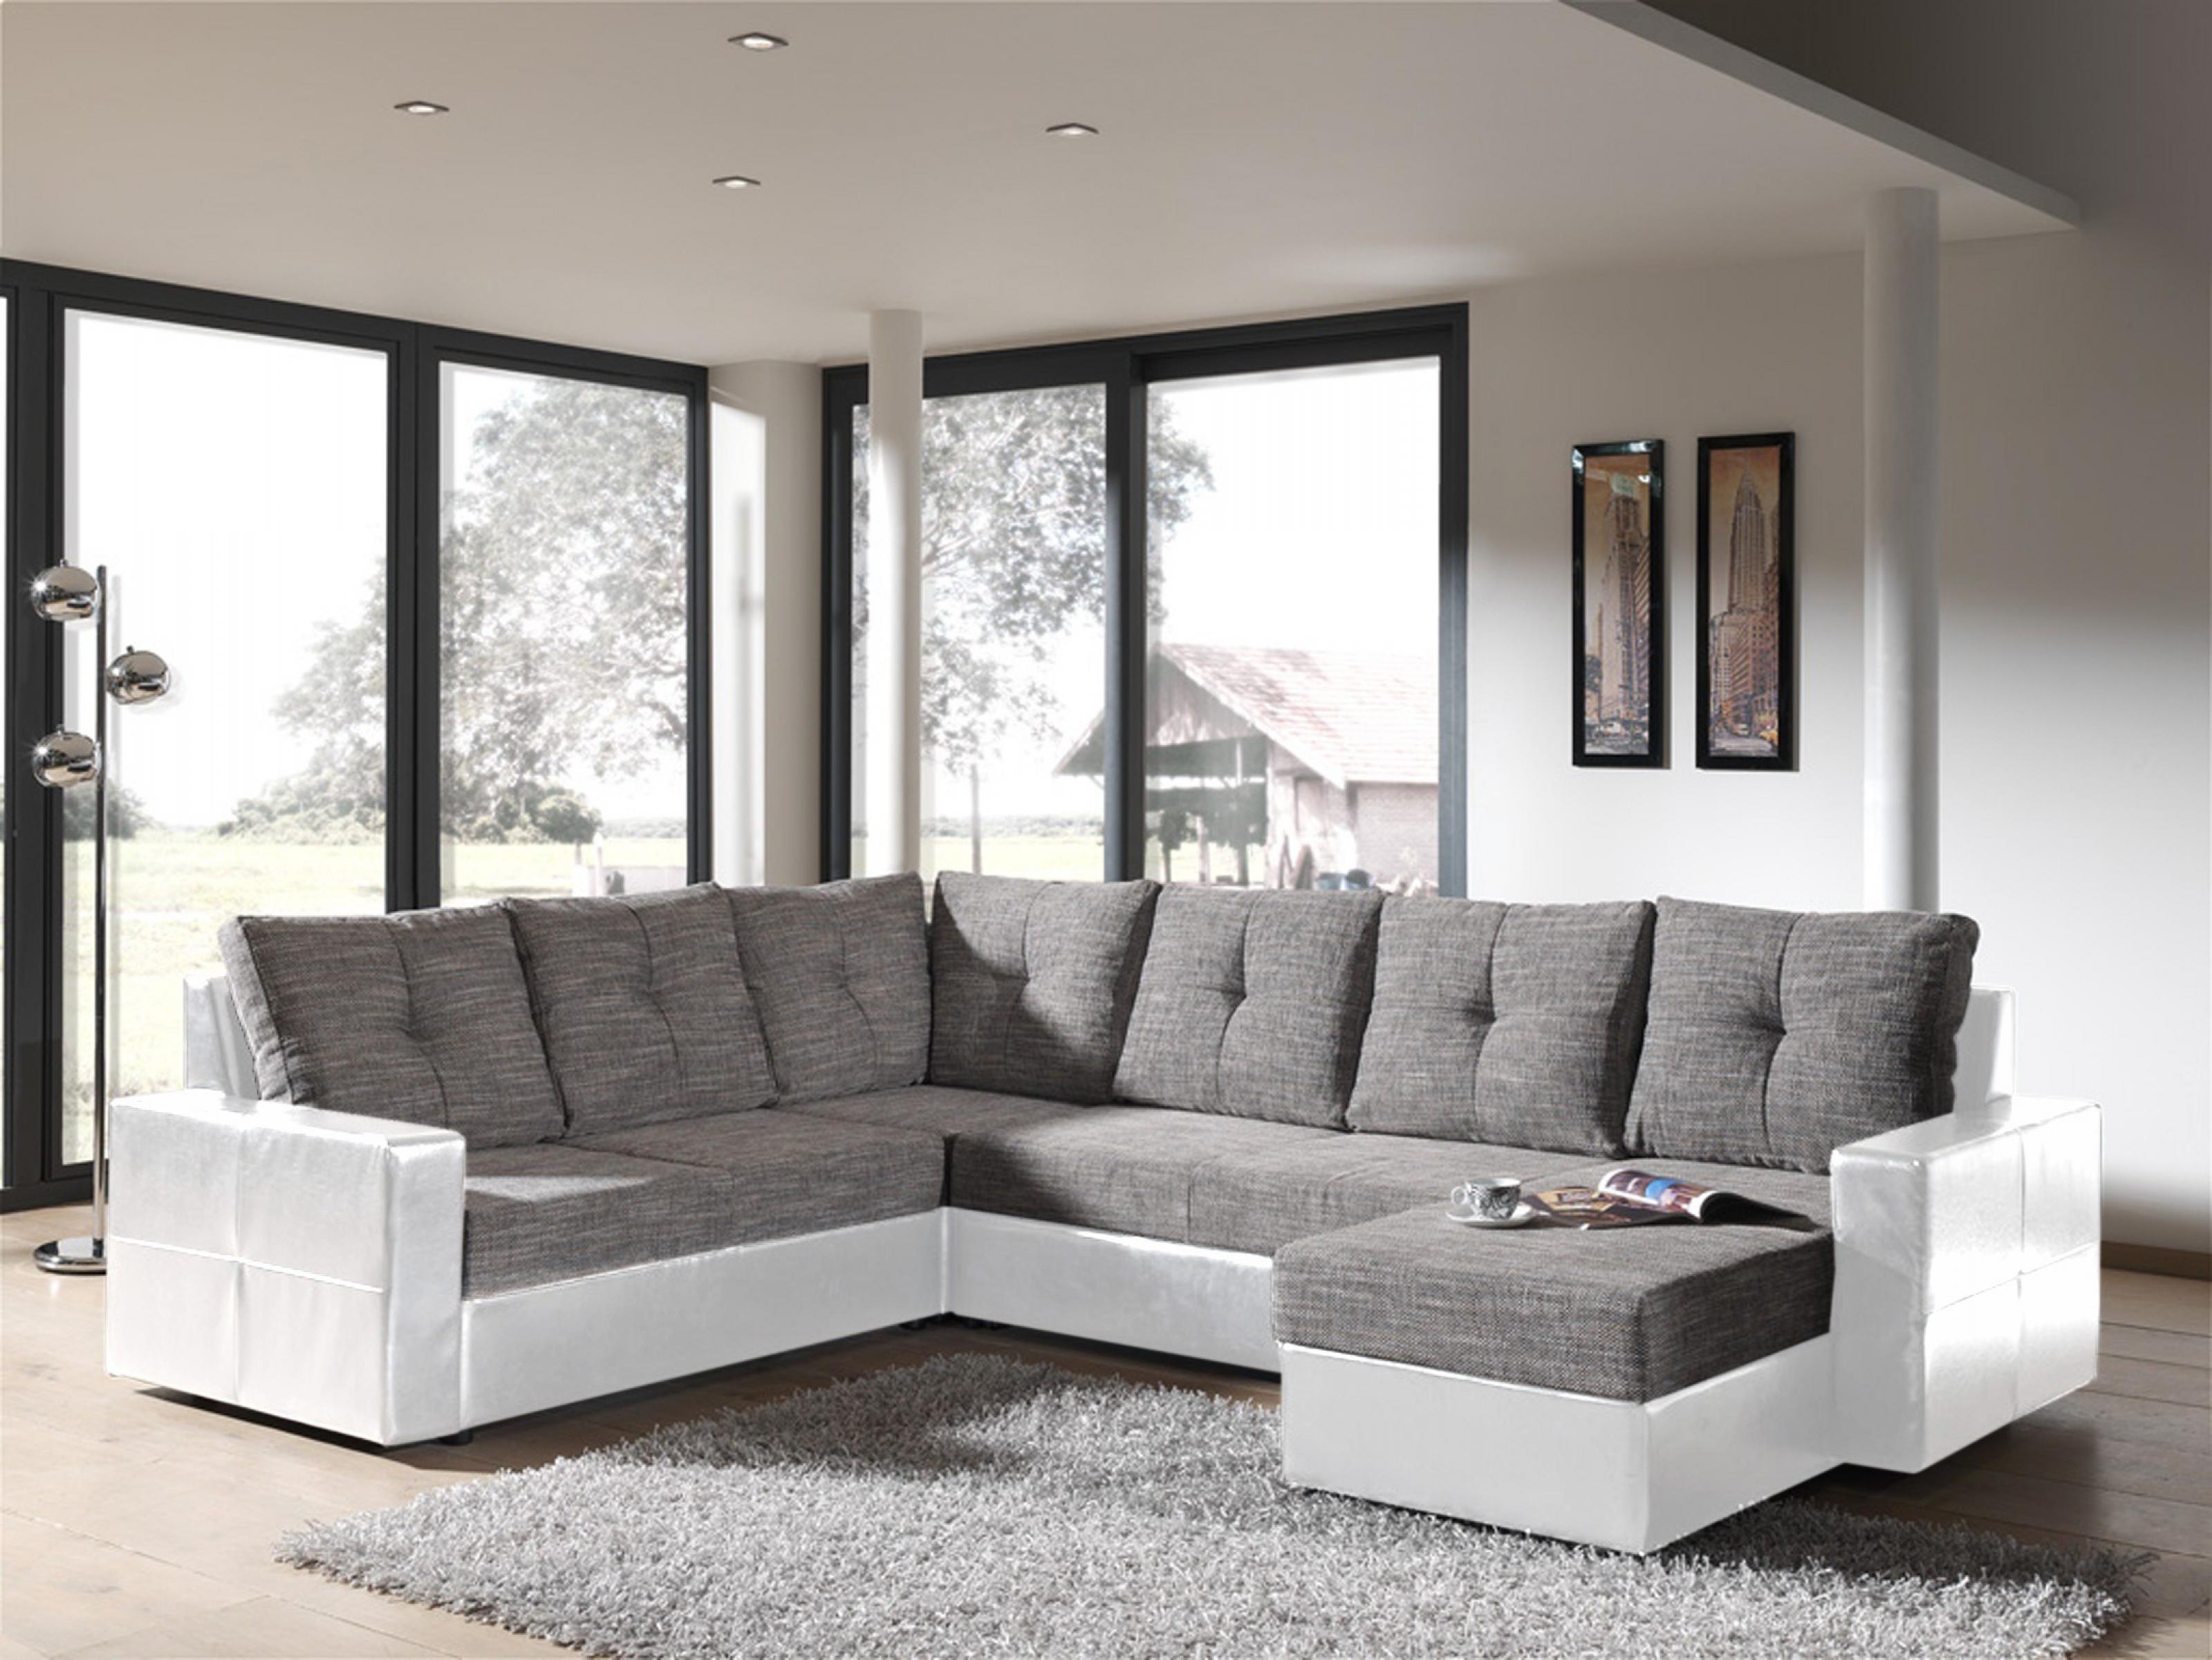 Canapé Convertible Pas Cher but Inspirant Image Ikea Salon En Cuir